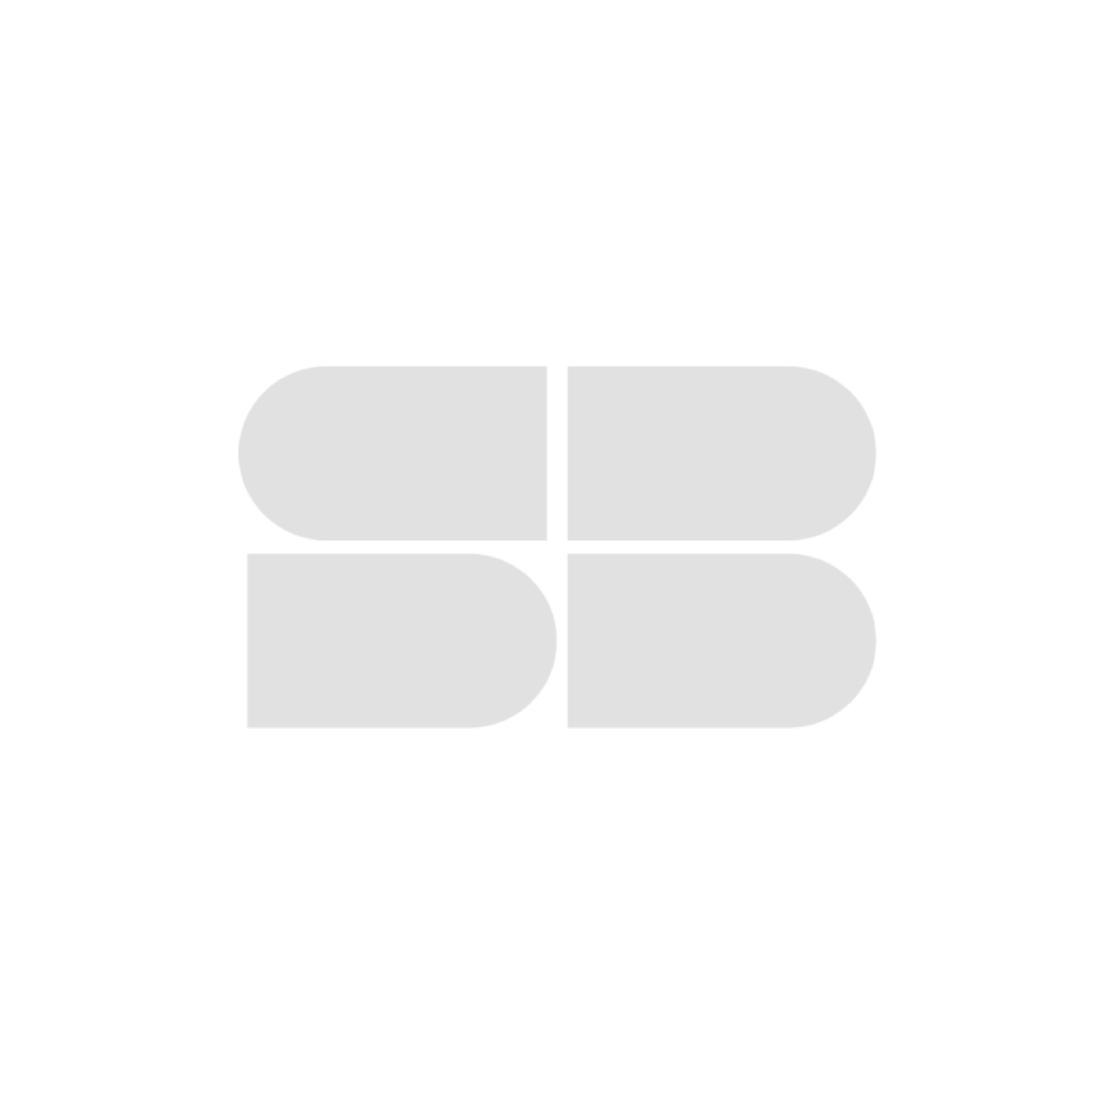 19031688-exio-furniture-bedroom-furniture-mirrors-31